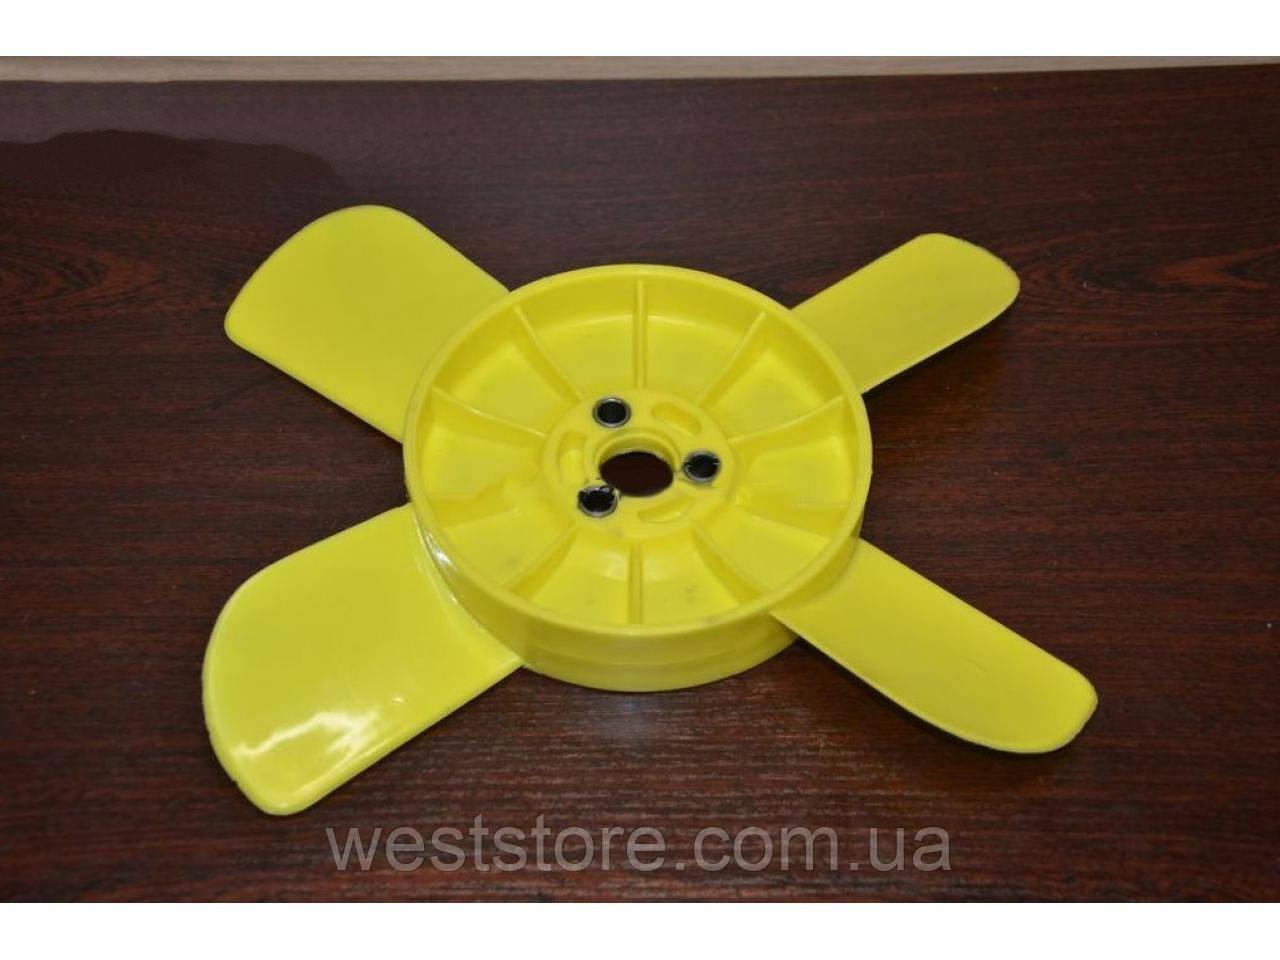 Крыльчатка вентилятора радиатора Ваз 4-х лопастная желтая Украина